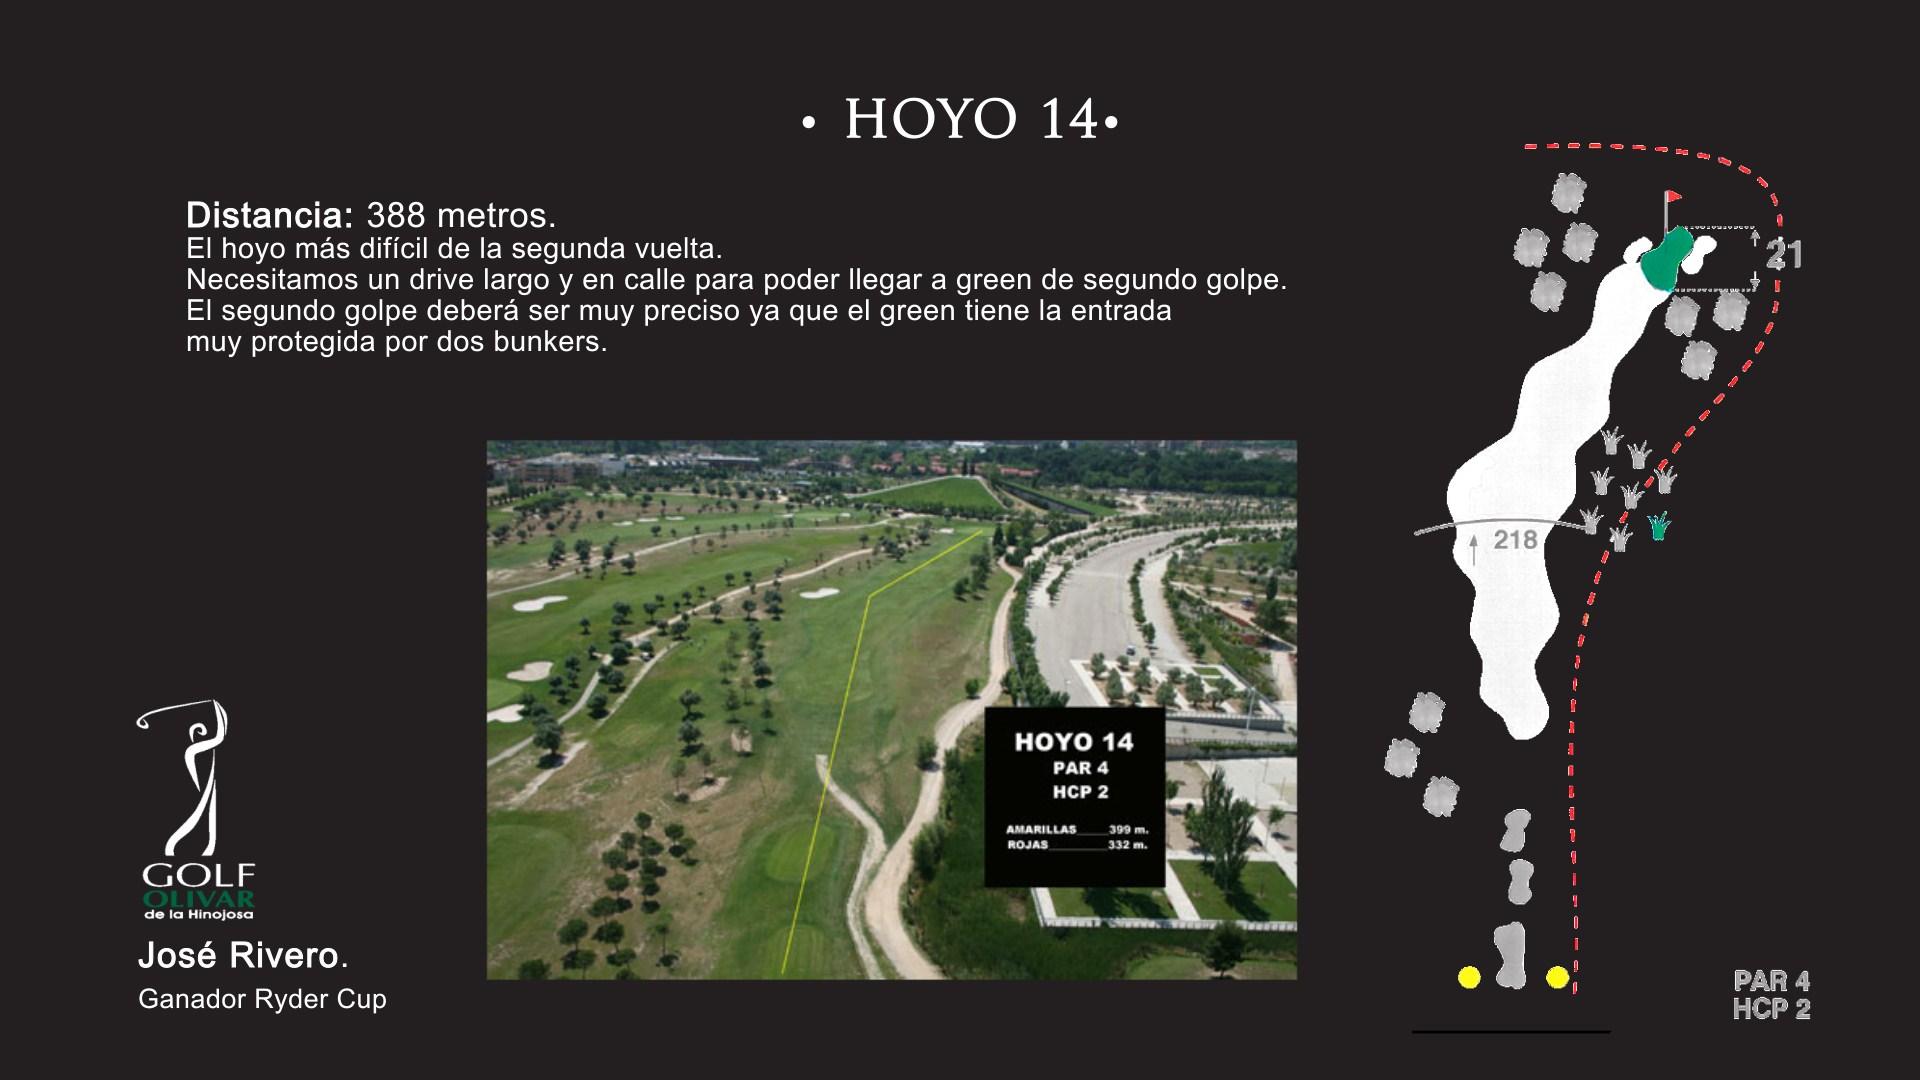 Hoyo 14 Olivar de la Hinojosa